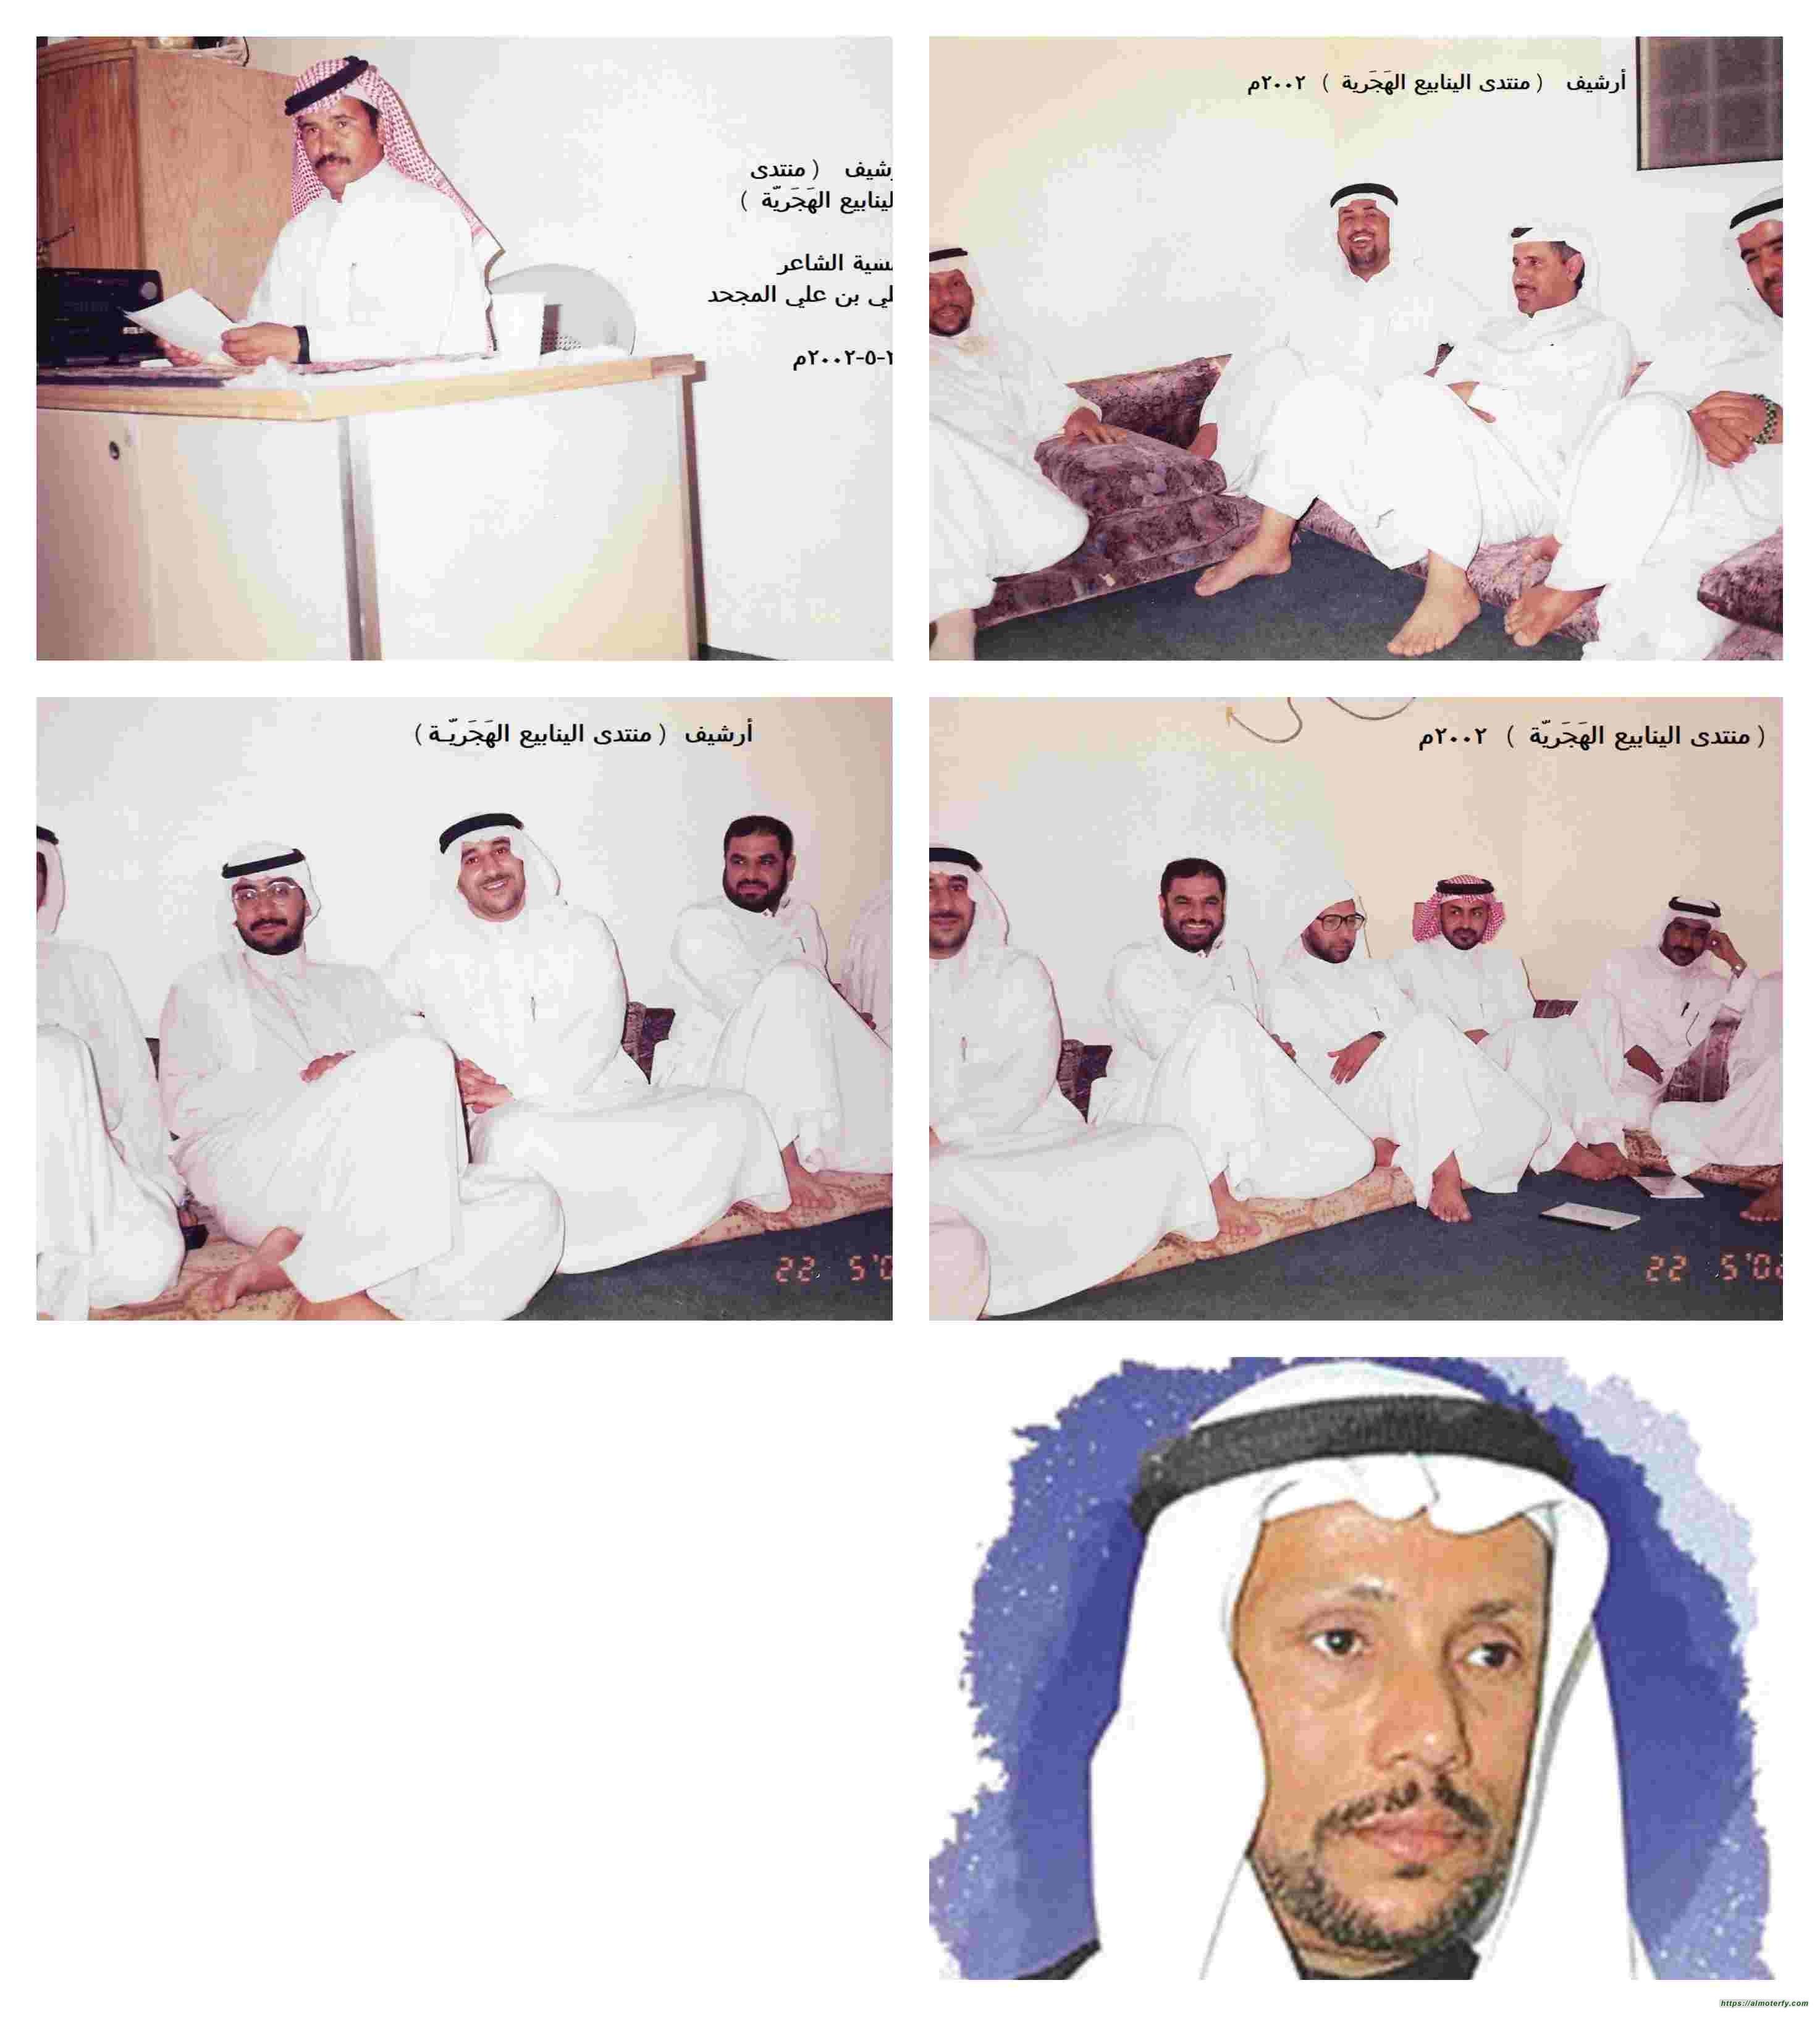 من شعرائنا الظرفاء .. المهندس علي بن علي المجحد